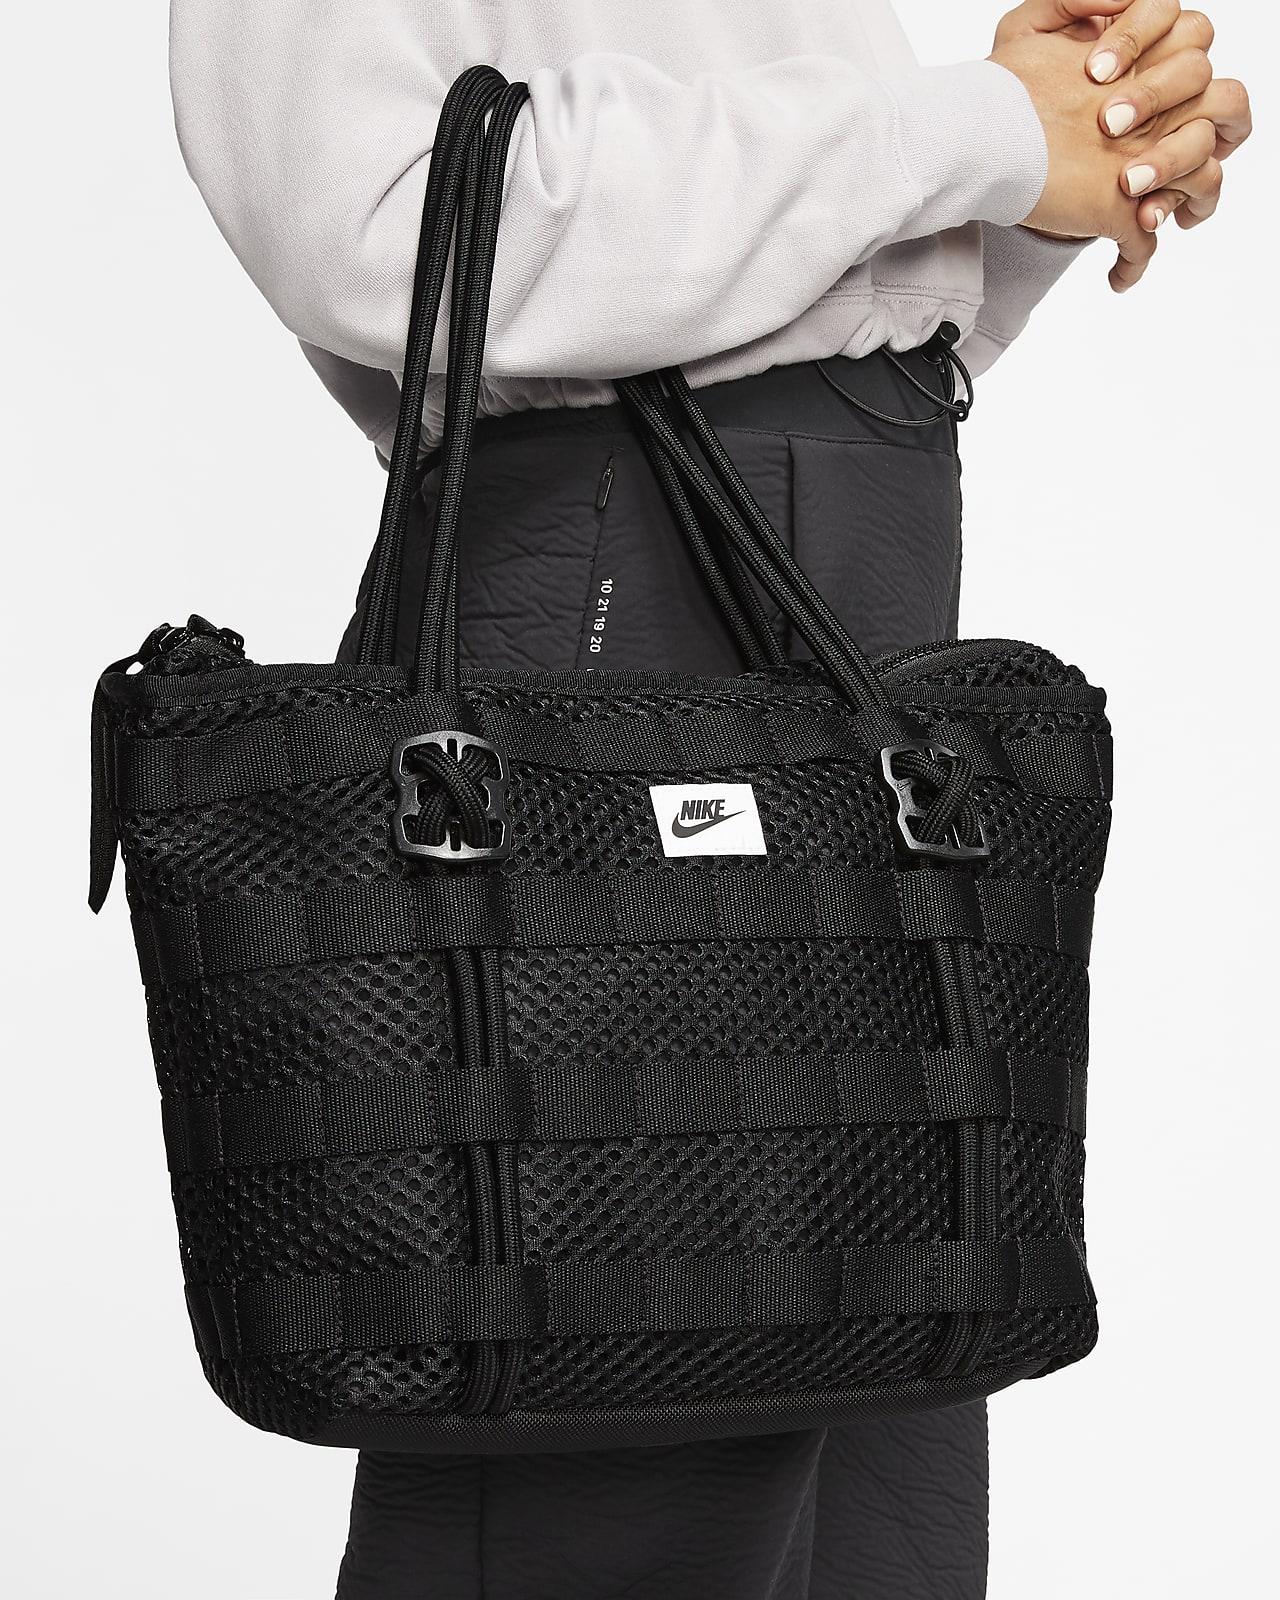 Nike Air Tote Bag (Small). Nike.com